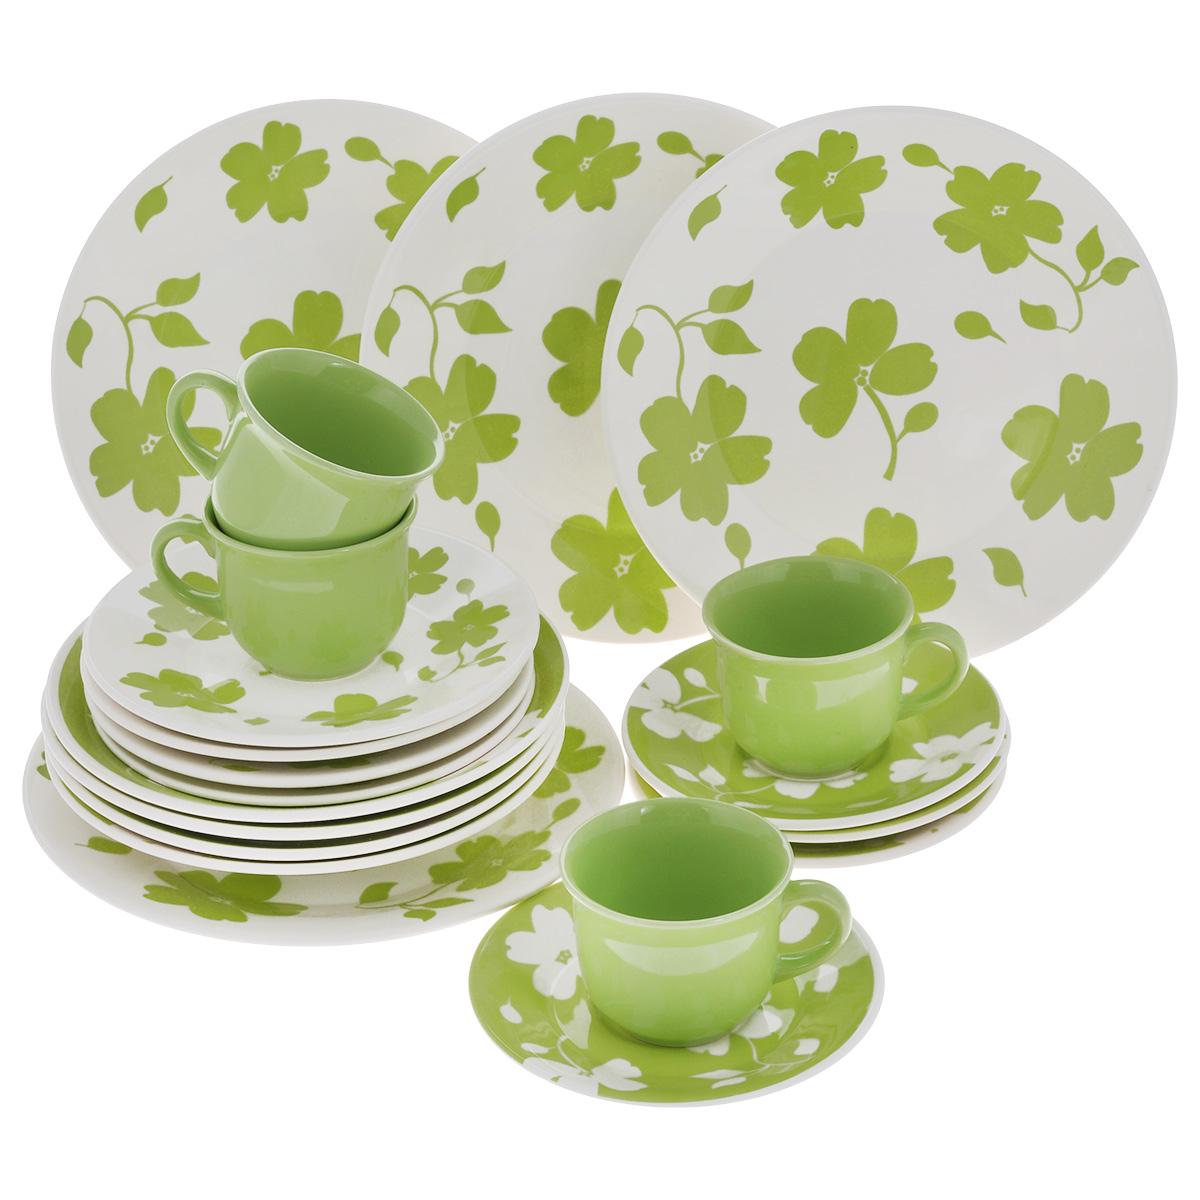 Набор столовый Biona Жасмин, 20 предметов7461JASMIN26-5Столовый набор Biona Жасмин состоит из 4 обеденных тарелок, 4 суповых тарелок, 4 десертных тарелок, 4 блюдец и 4 кружек. Изделия выполнены из высококачественной экологически чистой керамики, которая изготавливается путем спекания глин с минеральными добавками. В качестве покрытия используется глазурь, что подтверждено сертификатами качества и соответствует всем международным санитарным нормам. Изделия оформлены красивым цветочным рисунком - традиционным для данной марки, который наносится исключительно вручную. Еще одной особенностью марки является использование экологически чистой упаковки - эксклюзивный деревянный ящик с соломой внутри. Посуда легко моется в посудомоечных машинах, термостойкая (пищу можно подогреть в микроволновой печи, в духовом шкафу). Диаметр обеденной тарелки: 26 см. Диаметр суповой тарелки: 22 см. Диаметр десертной тарелки: 19 см. Диаметр блюдца: 16,5 см. Объем чашки: 200 мл. Диаметр чашки...